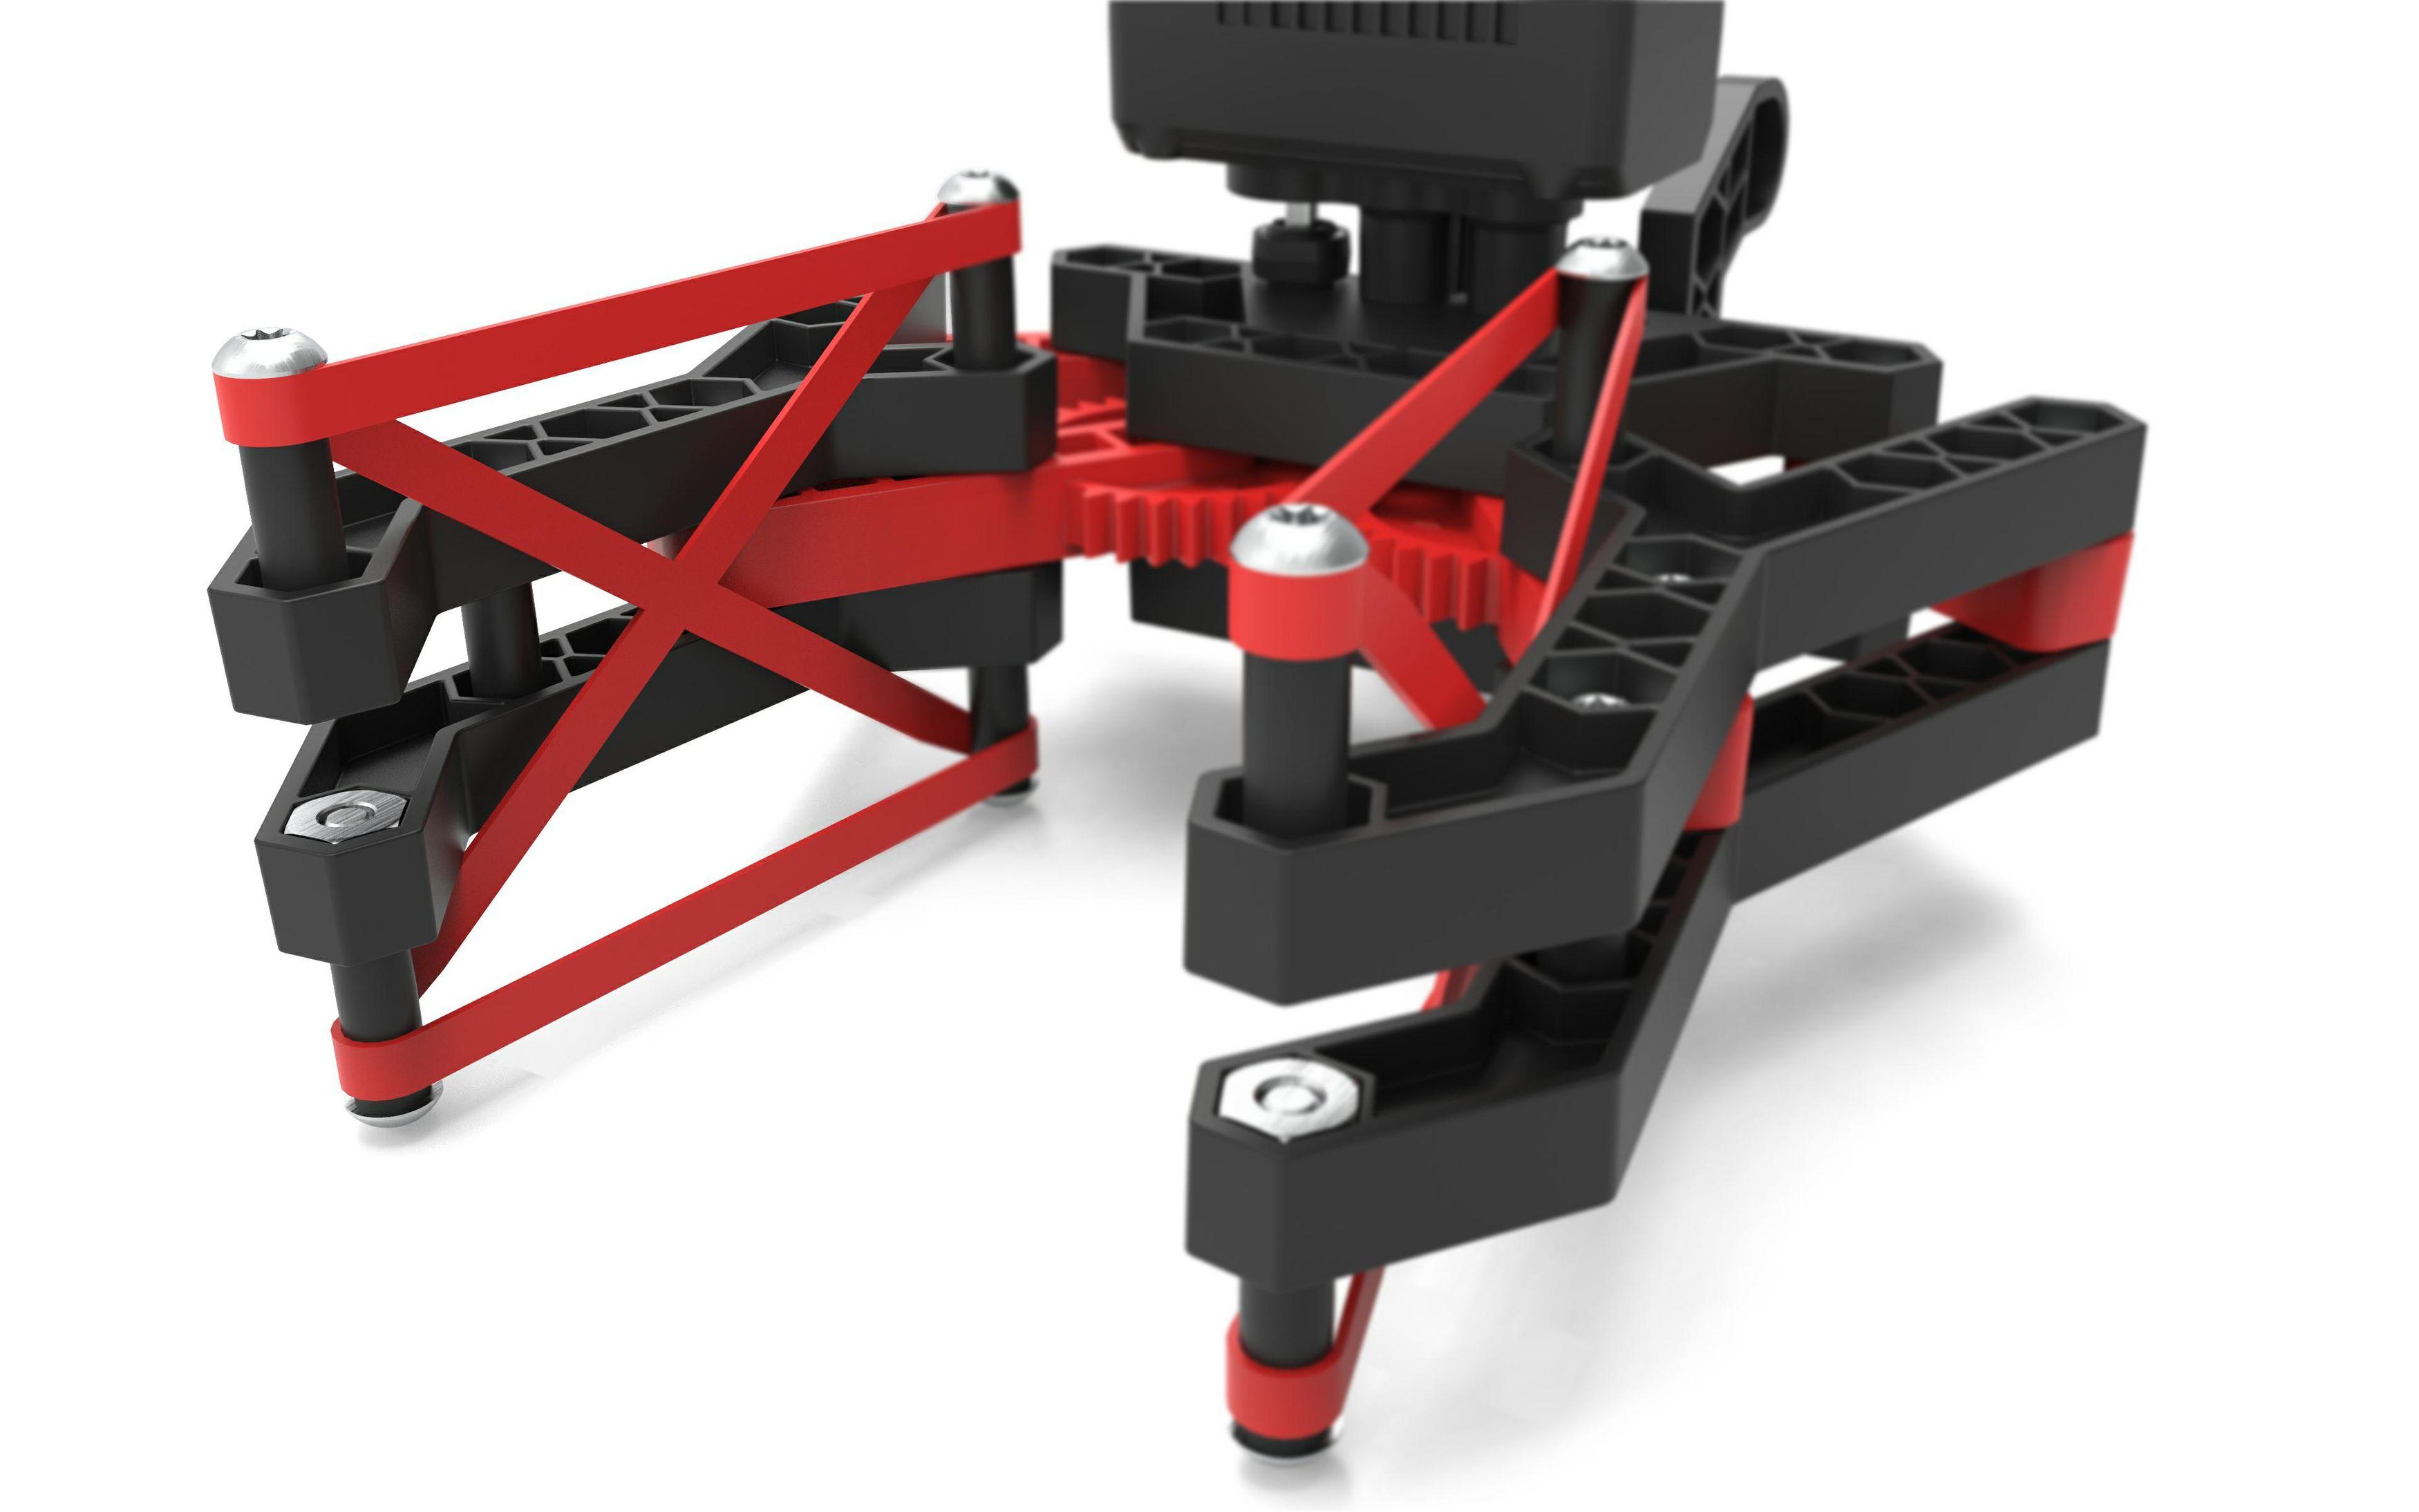 Lcs-design-vex-robotics-v5-claw-3500-3500